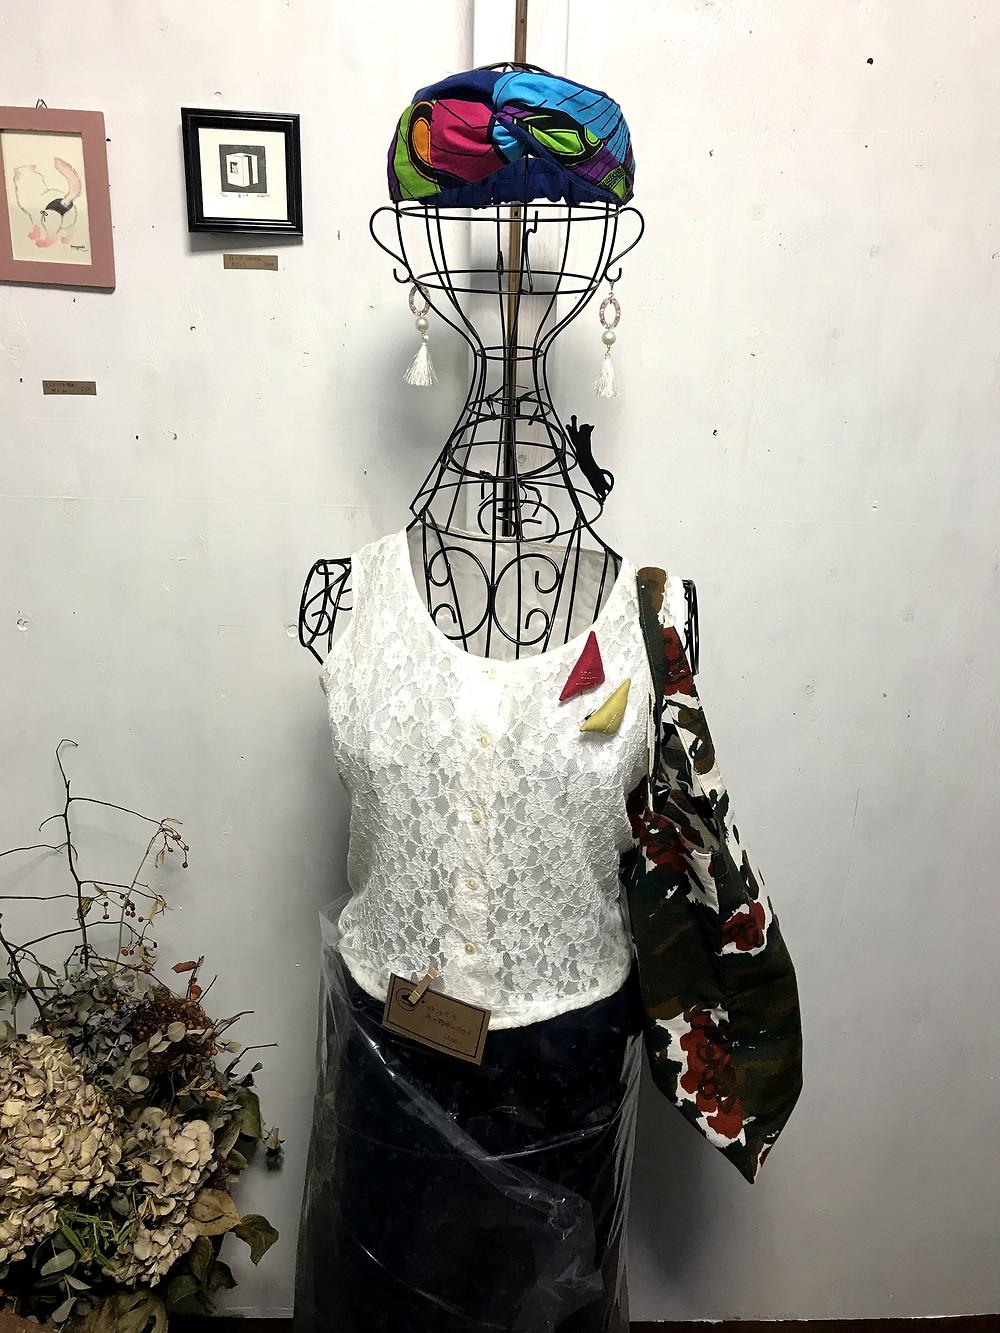 ファストファッションのブラウスとガーゼの振れ明日スカートという地味な装いにぱっと目を引くアフリカ布のターバンを合わせて。胸のリネンのぬいぐるみブローチはいろいろ使えます。